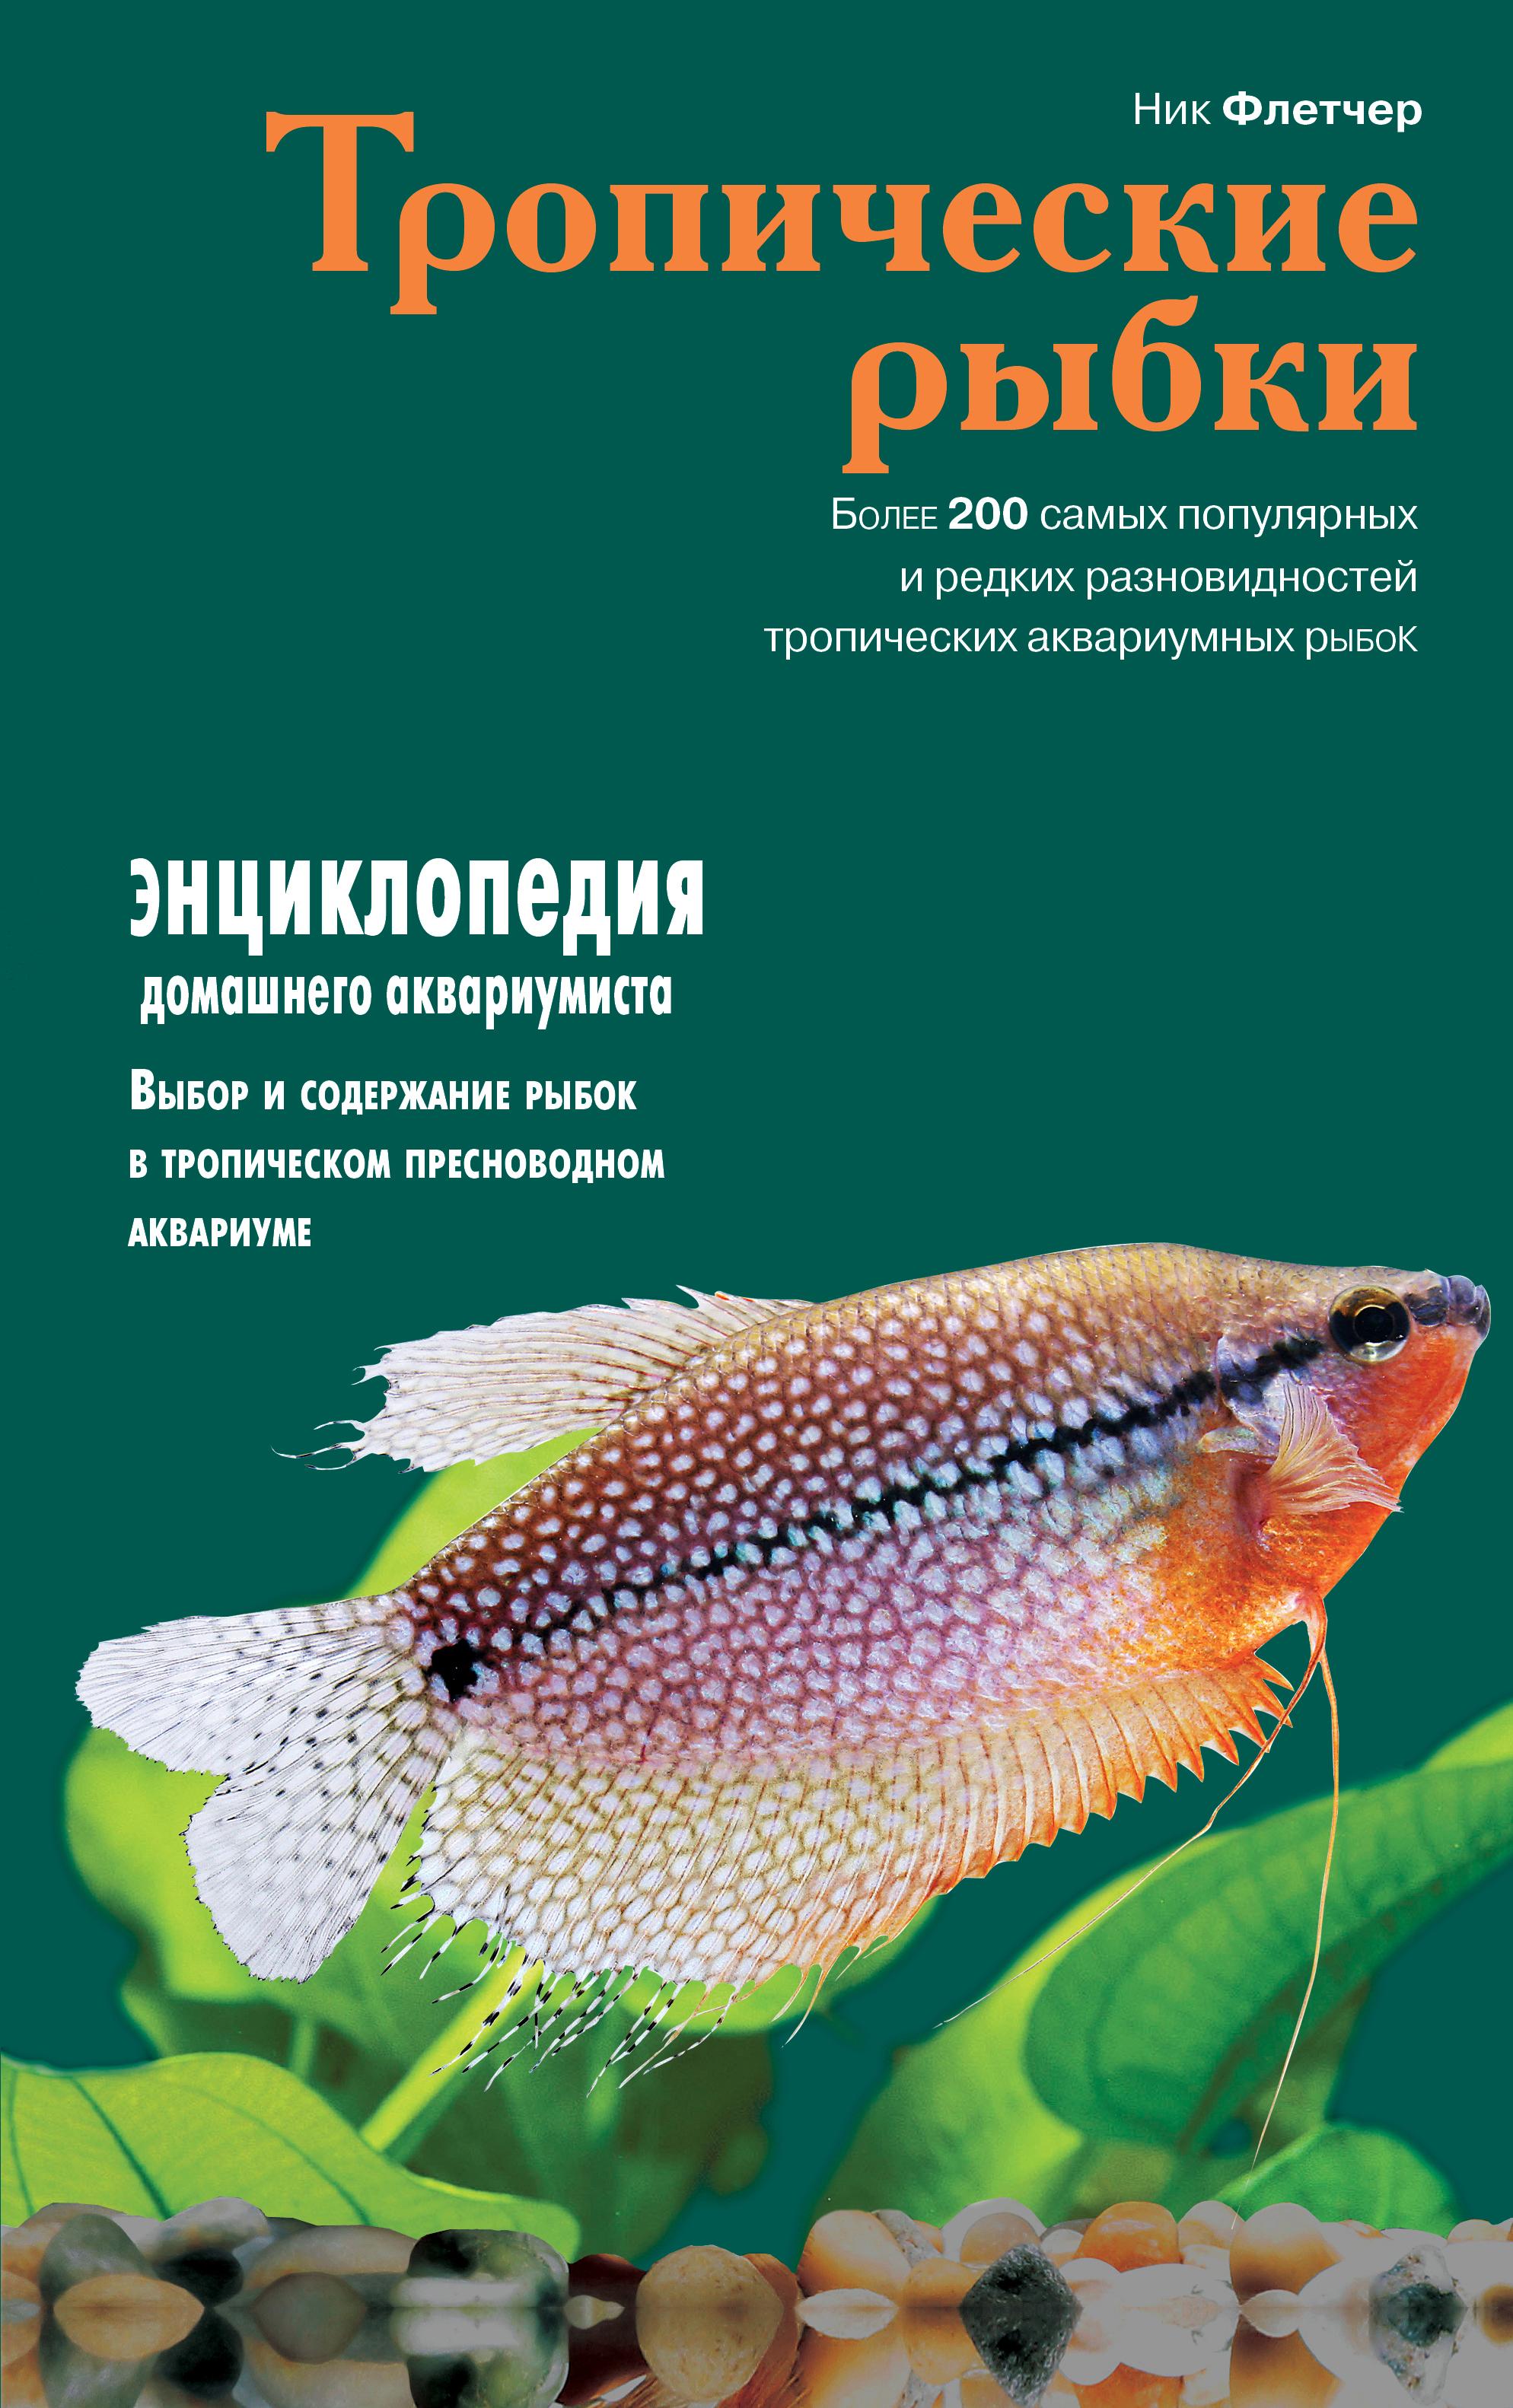 Тропические рыбки (Подарочные издания. Живой мир нашей планеты)